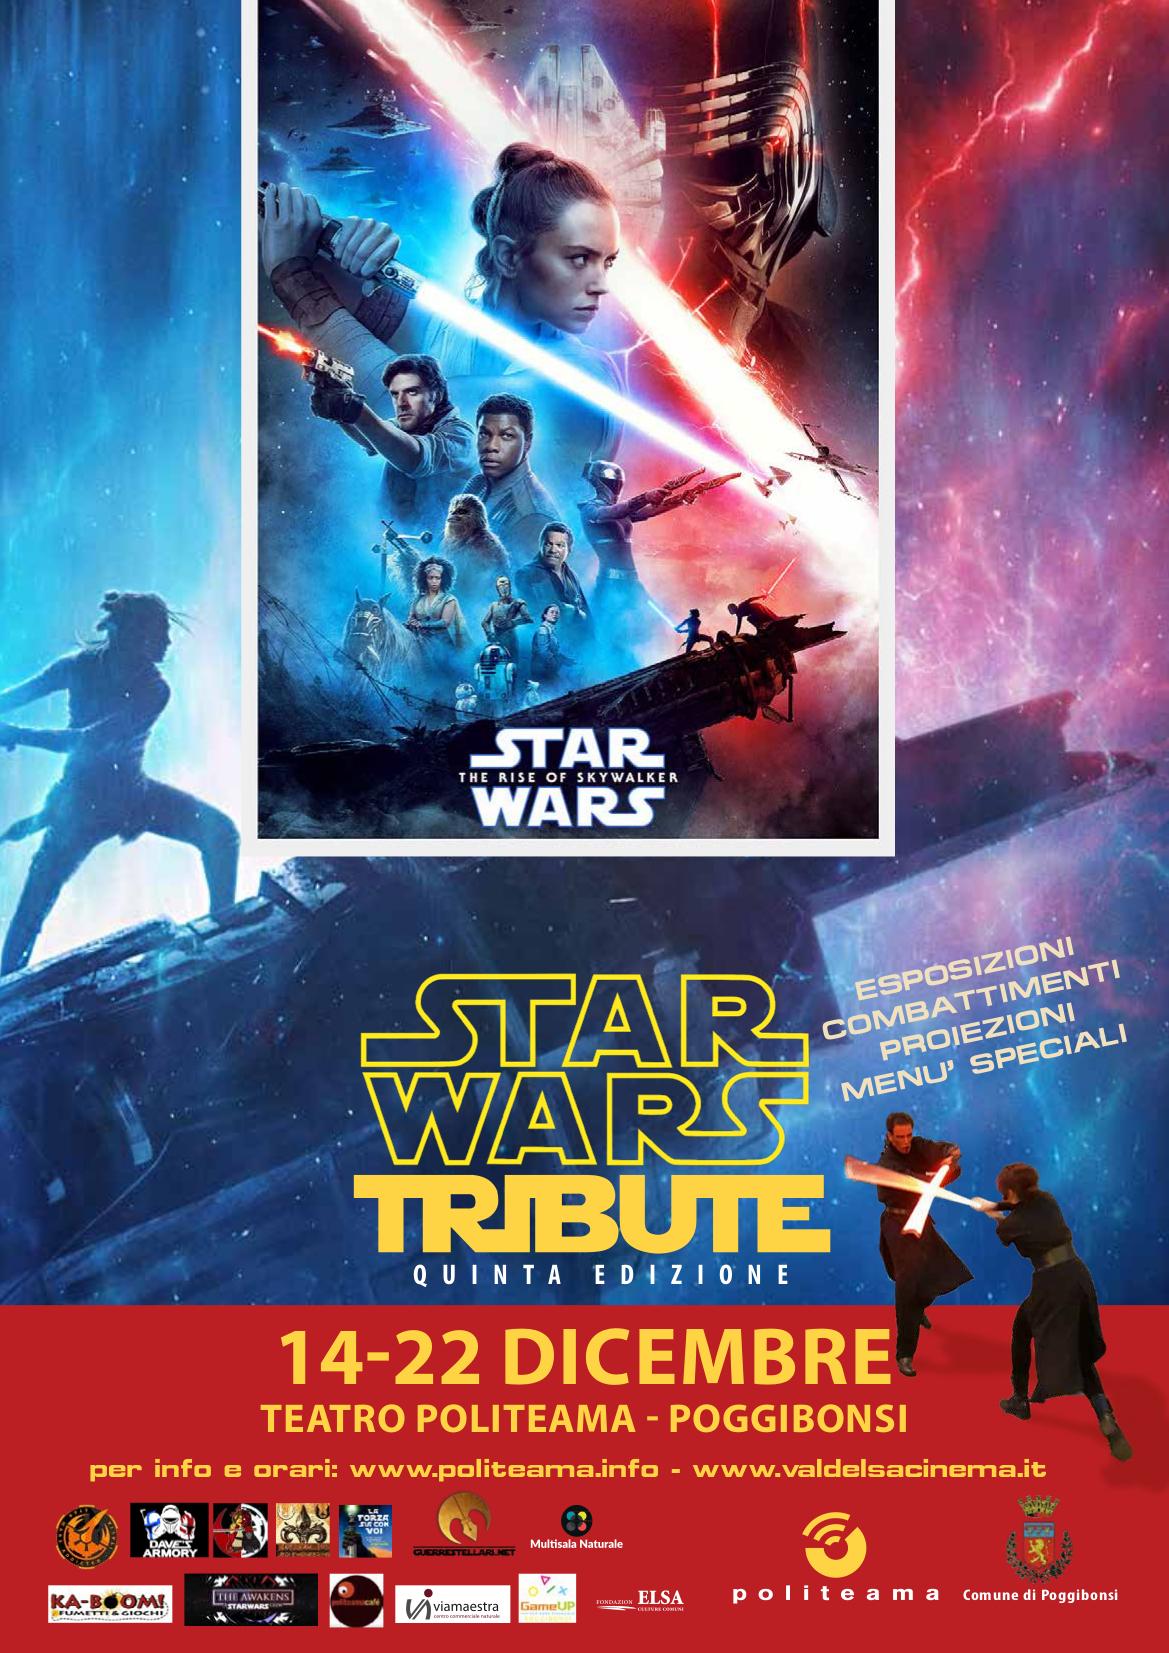 Star Wars Tribute – Quinta Edizione